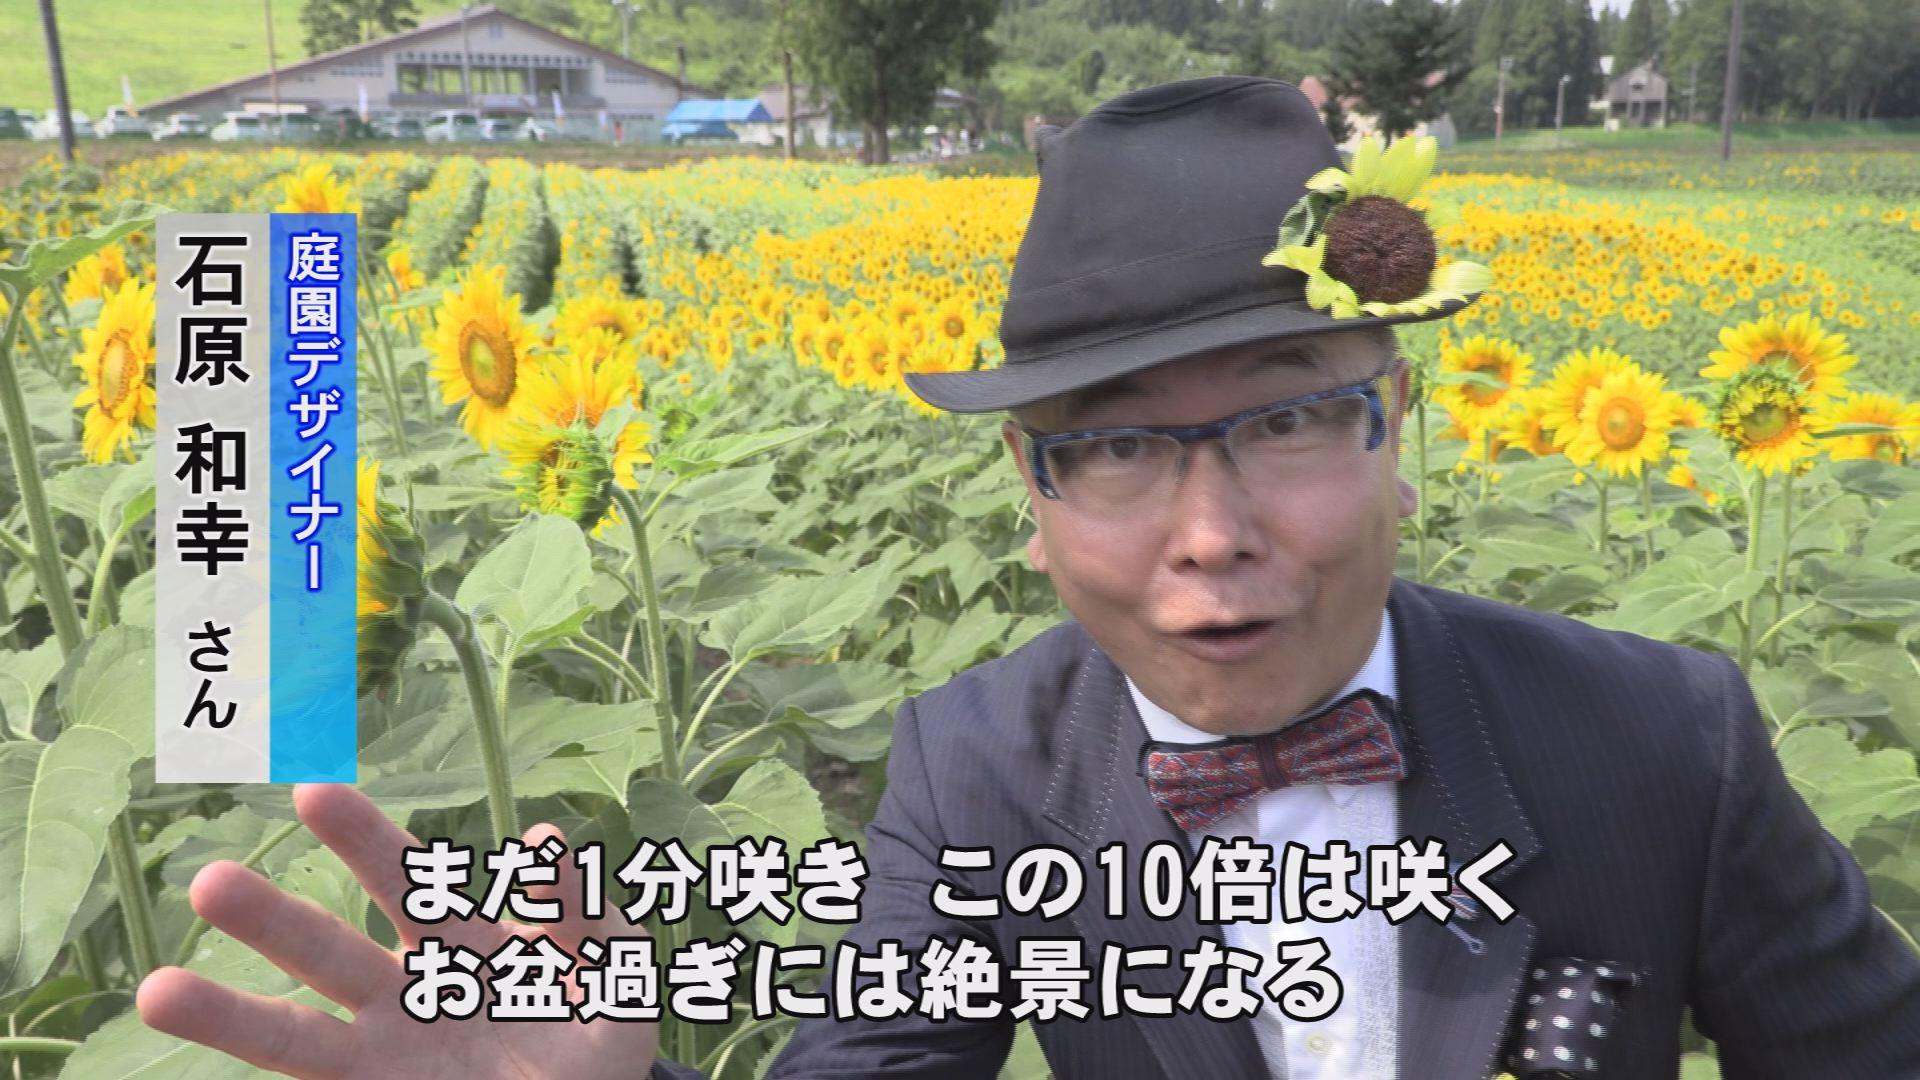 190813_ひまわりコキア王国7